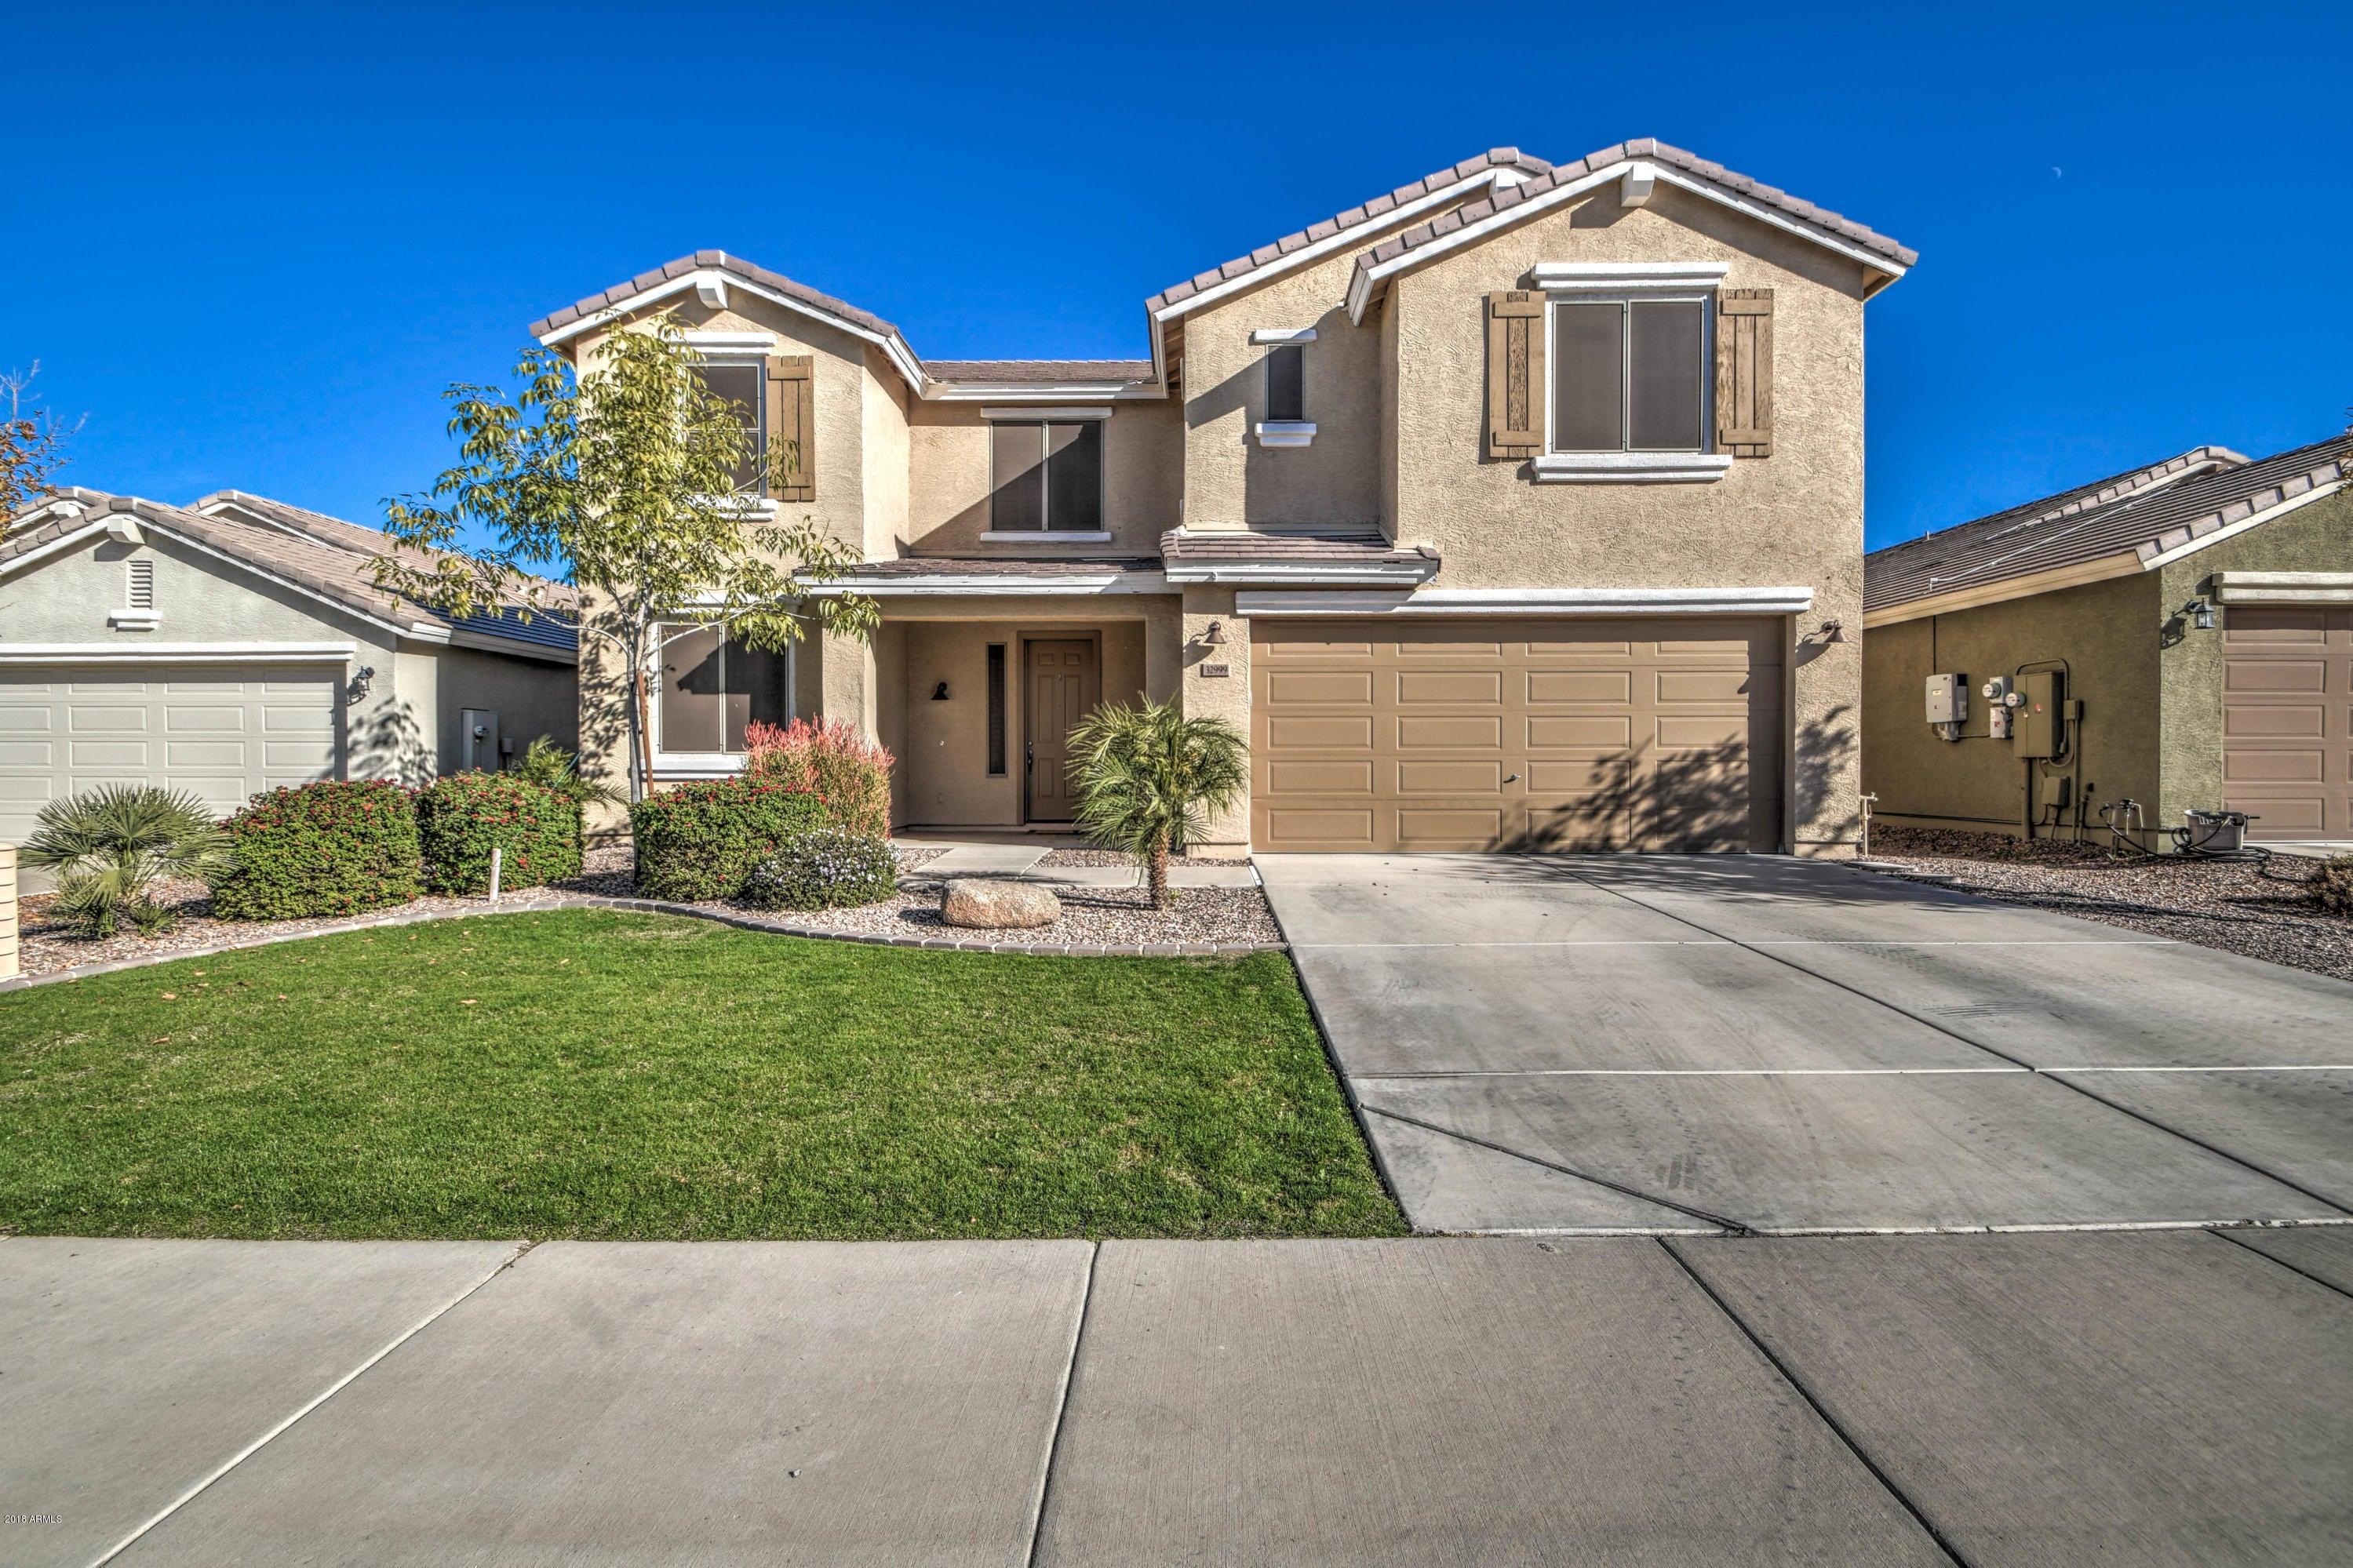 32999 N SLATE CREEK Drive, San Tan Valley, AZ 85143